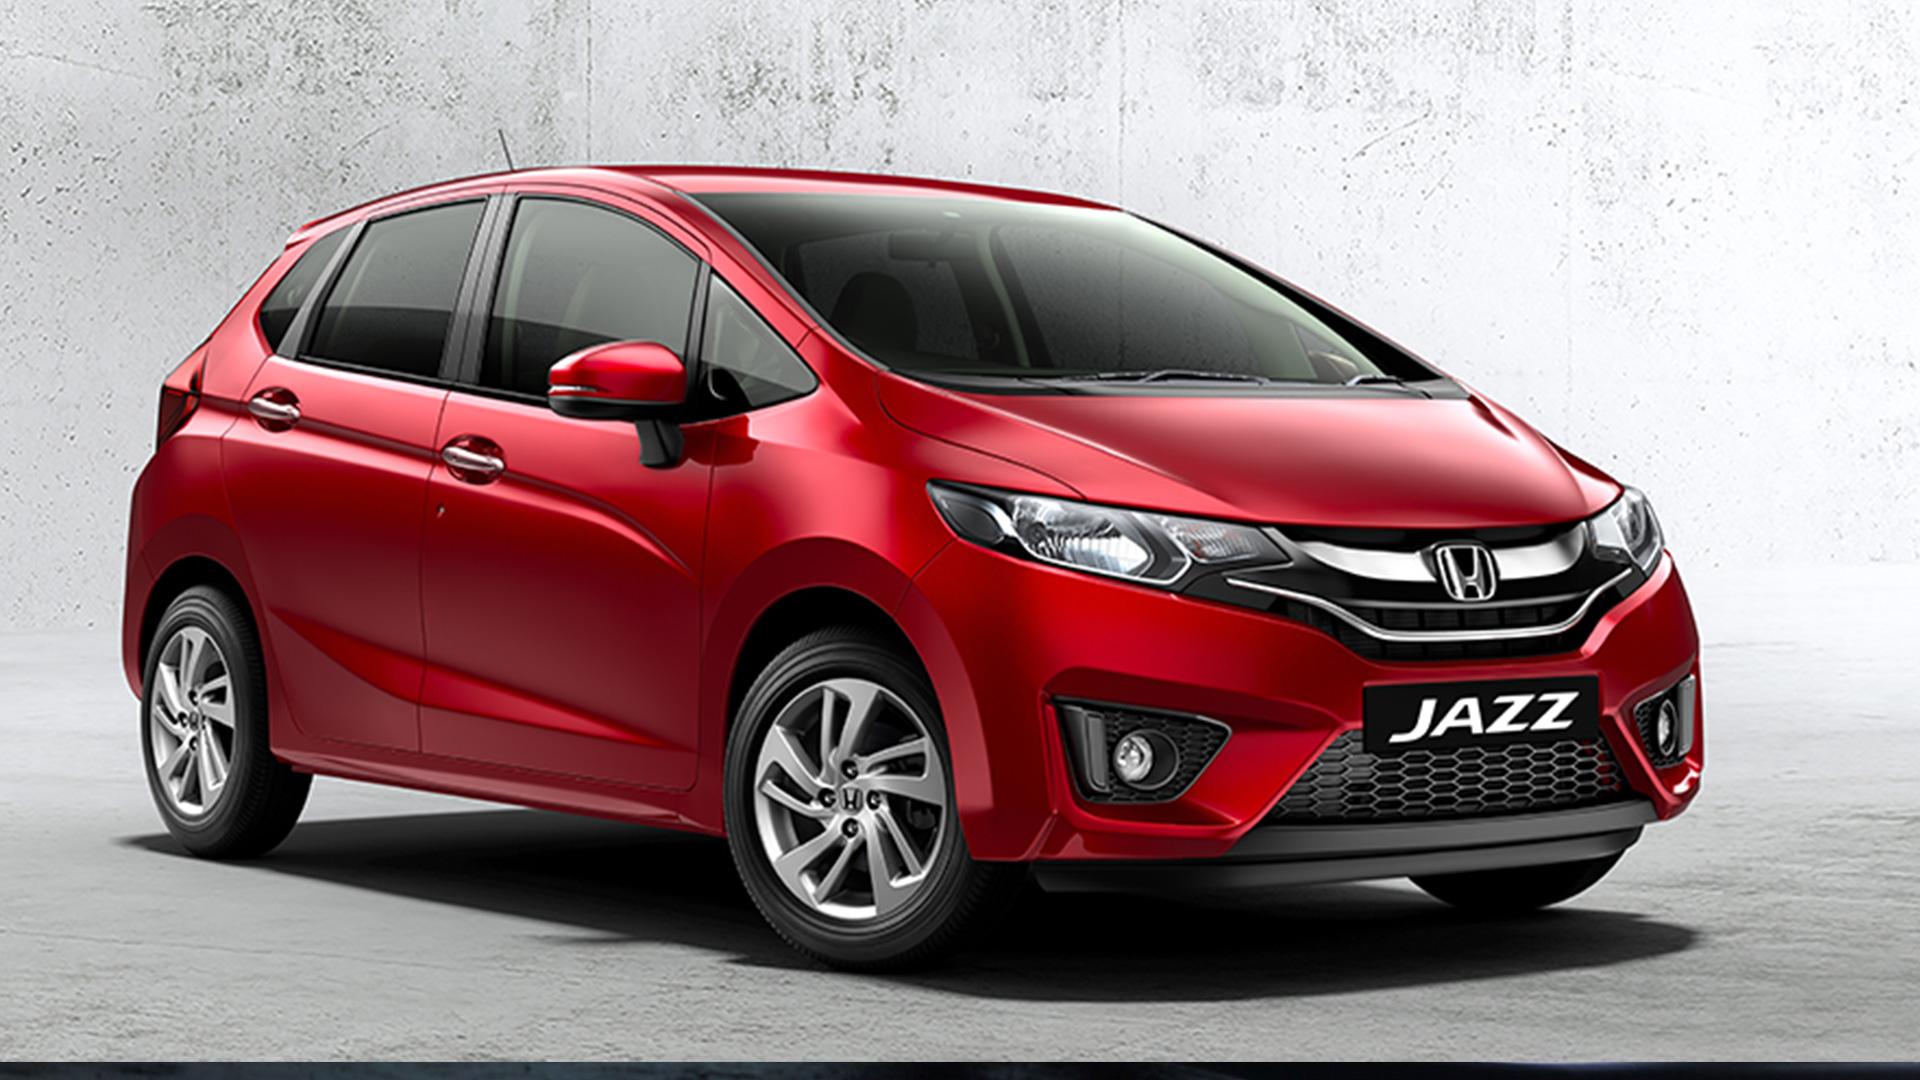 Honda Jazz 2015 Petrol E